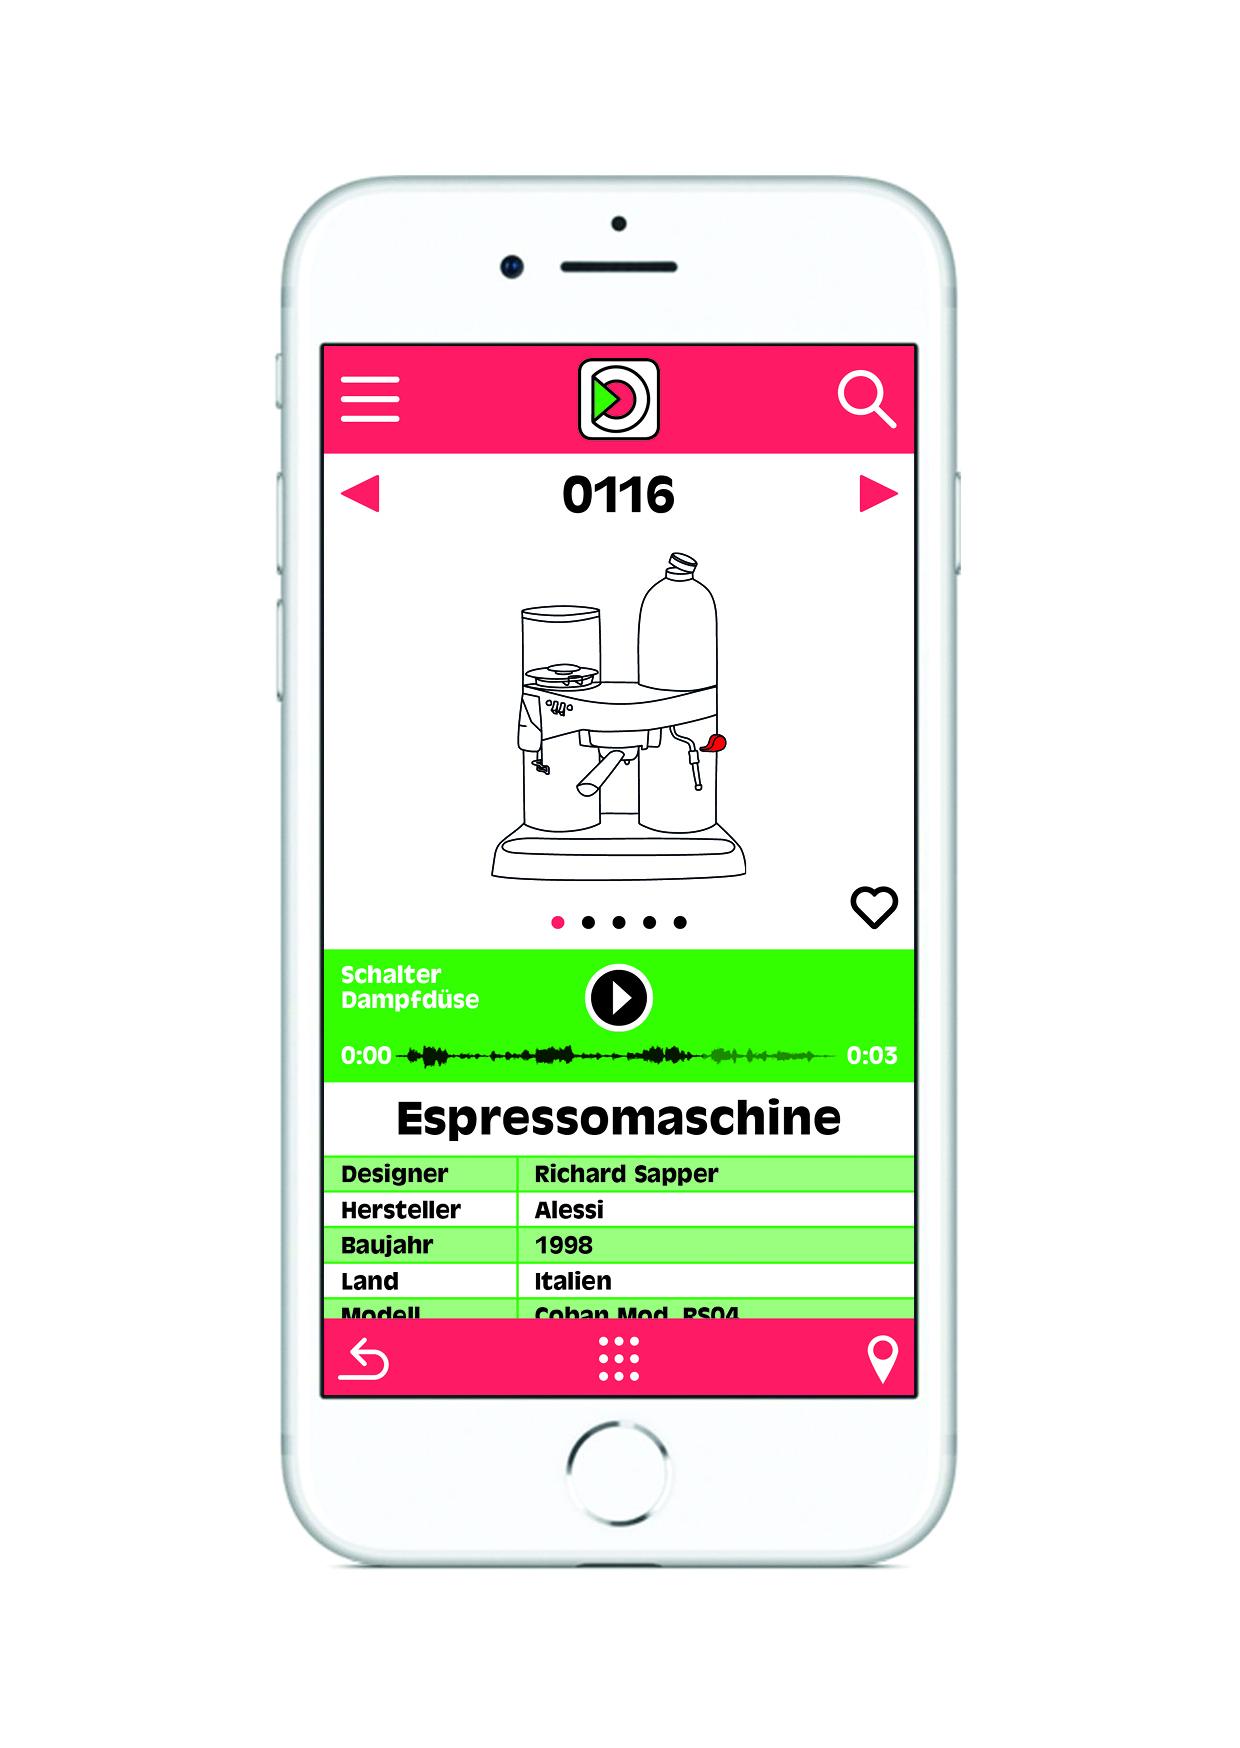 Vorschaubild der App Sound of Design, Entwicklung: Klangerfinder GmbH & Co KG, Zeichnungen: Carla Nagel